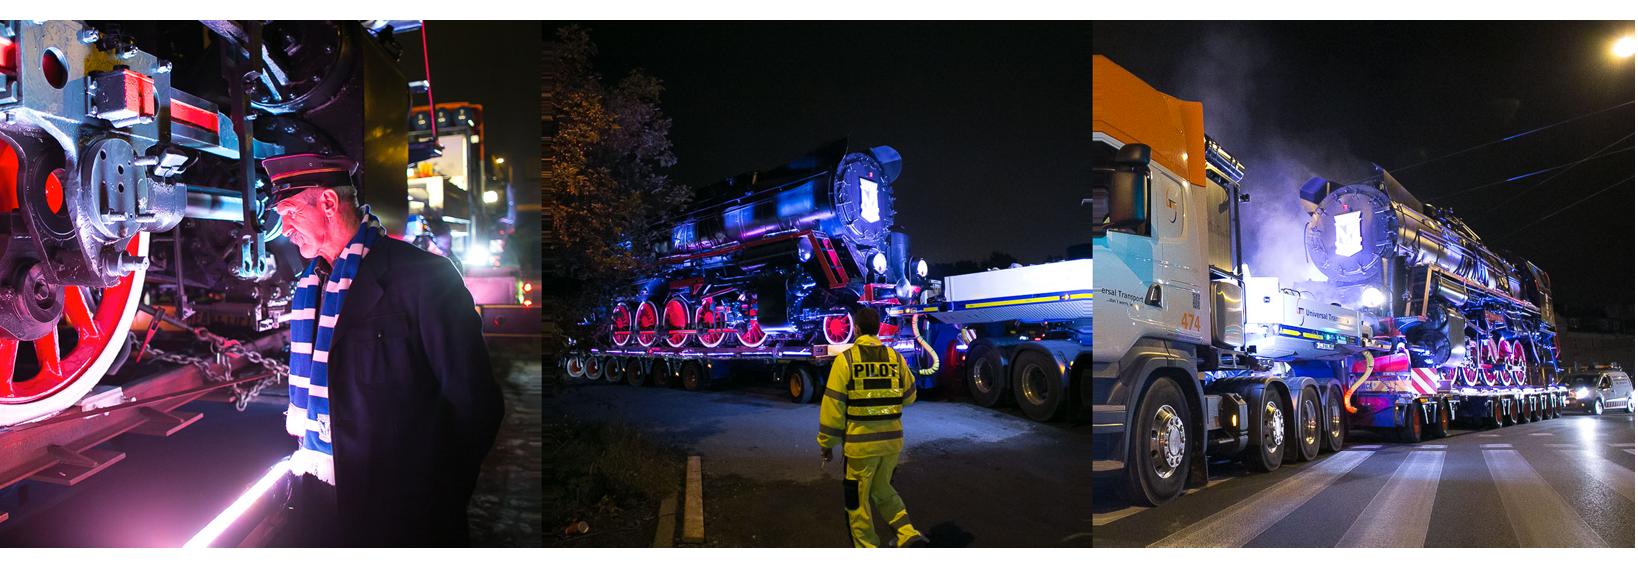 Zdjęcia obrazujące transport lokomotywy